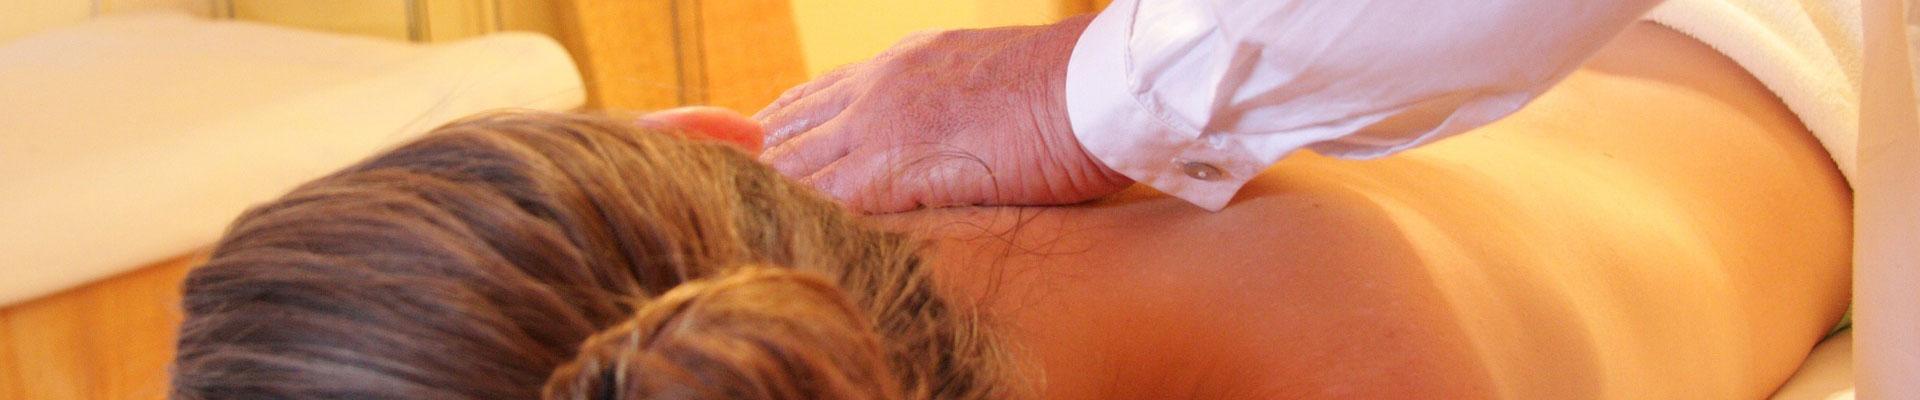 Der Karoli-Badepark – Solarien und Massagen